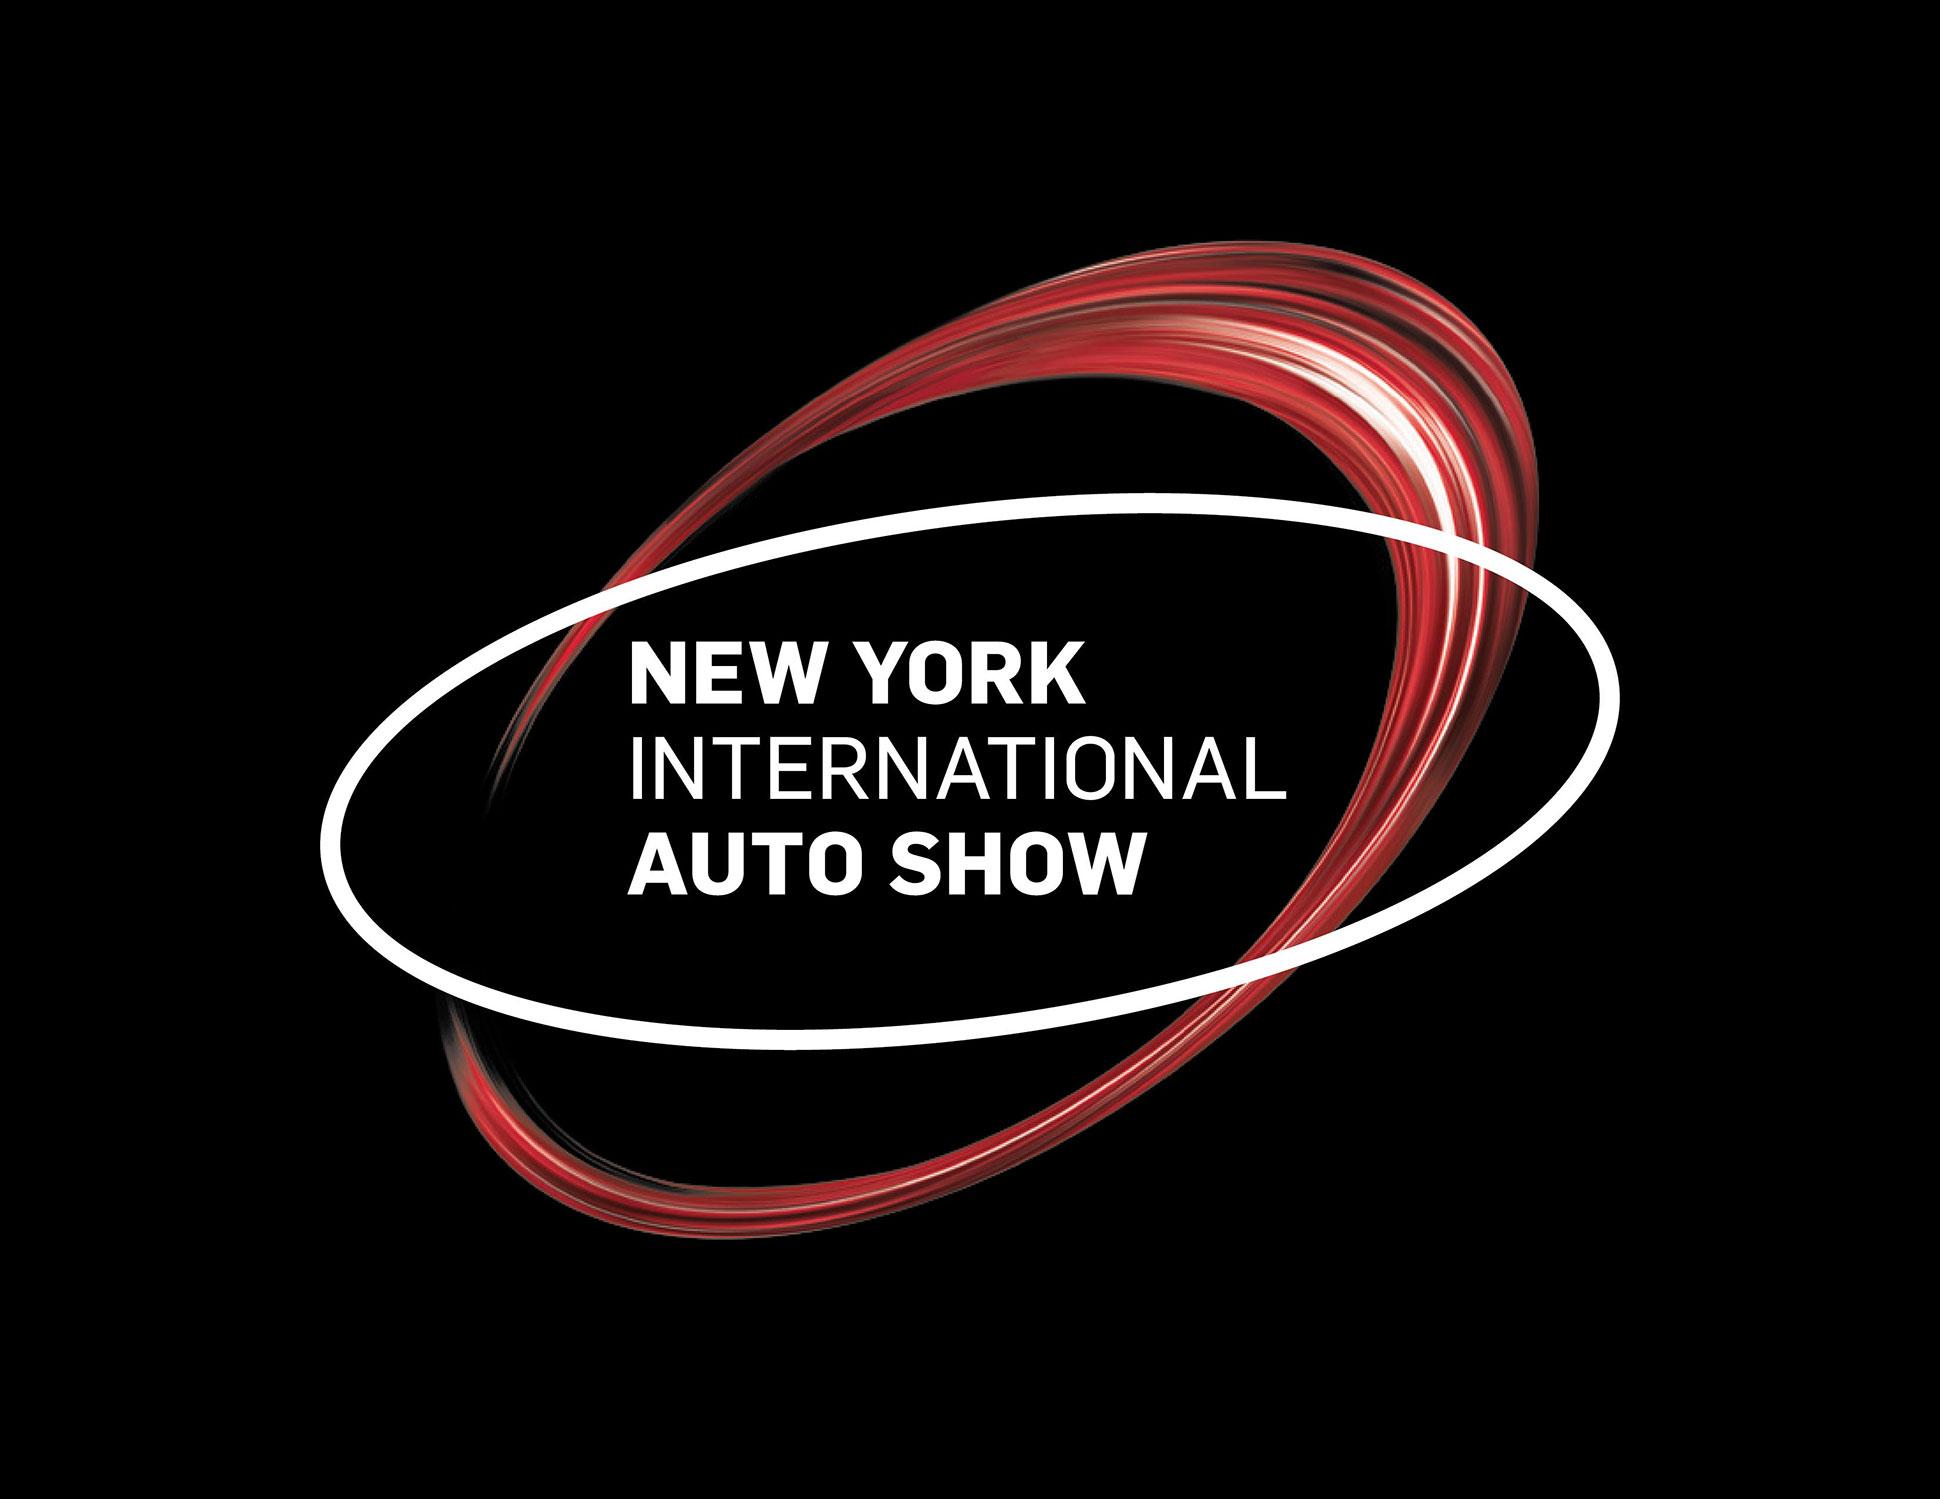 New York Auto Show flyttas till augusti Ni gissade rätt, Coronaviruset är orsaken